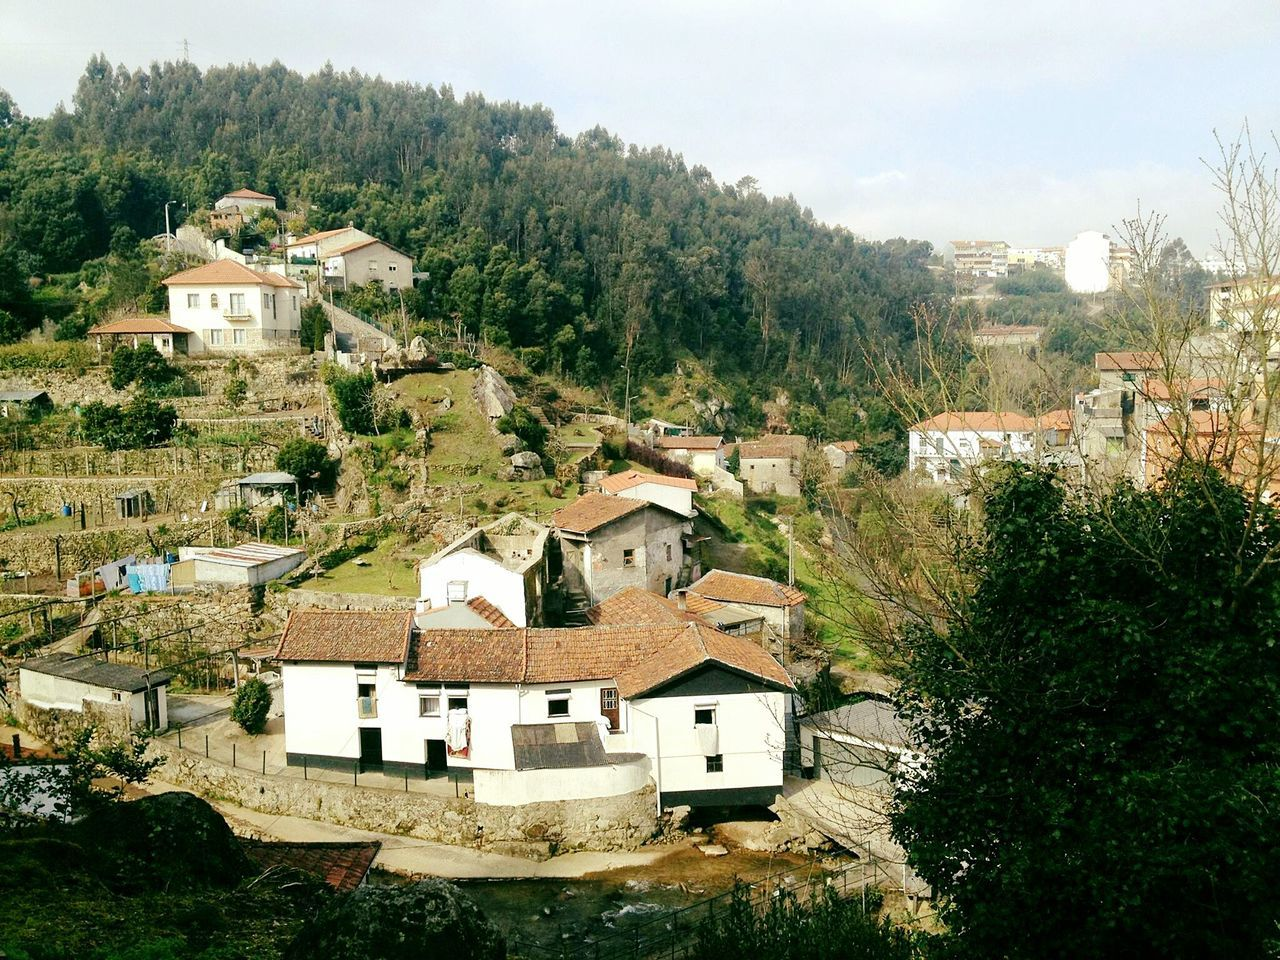 Avintes PR1 Caminhadas Rio Febros